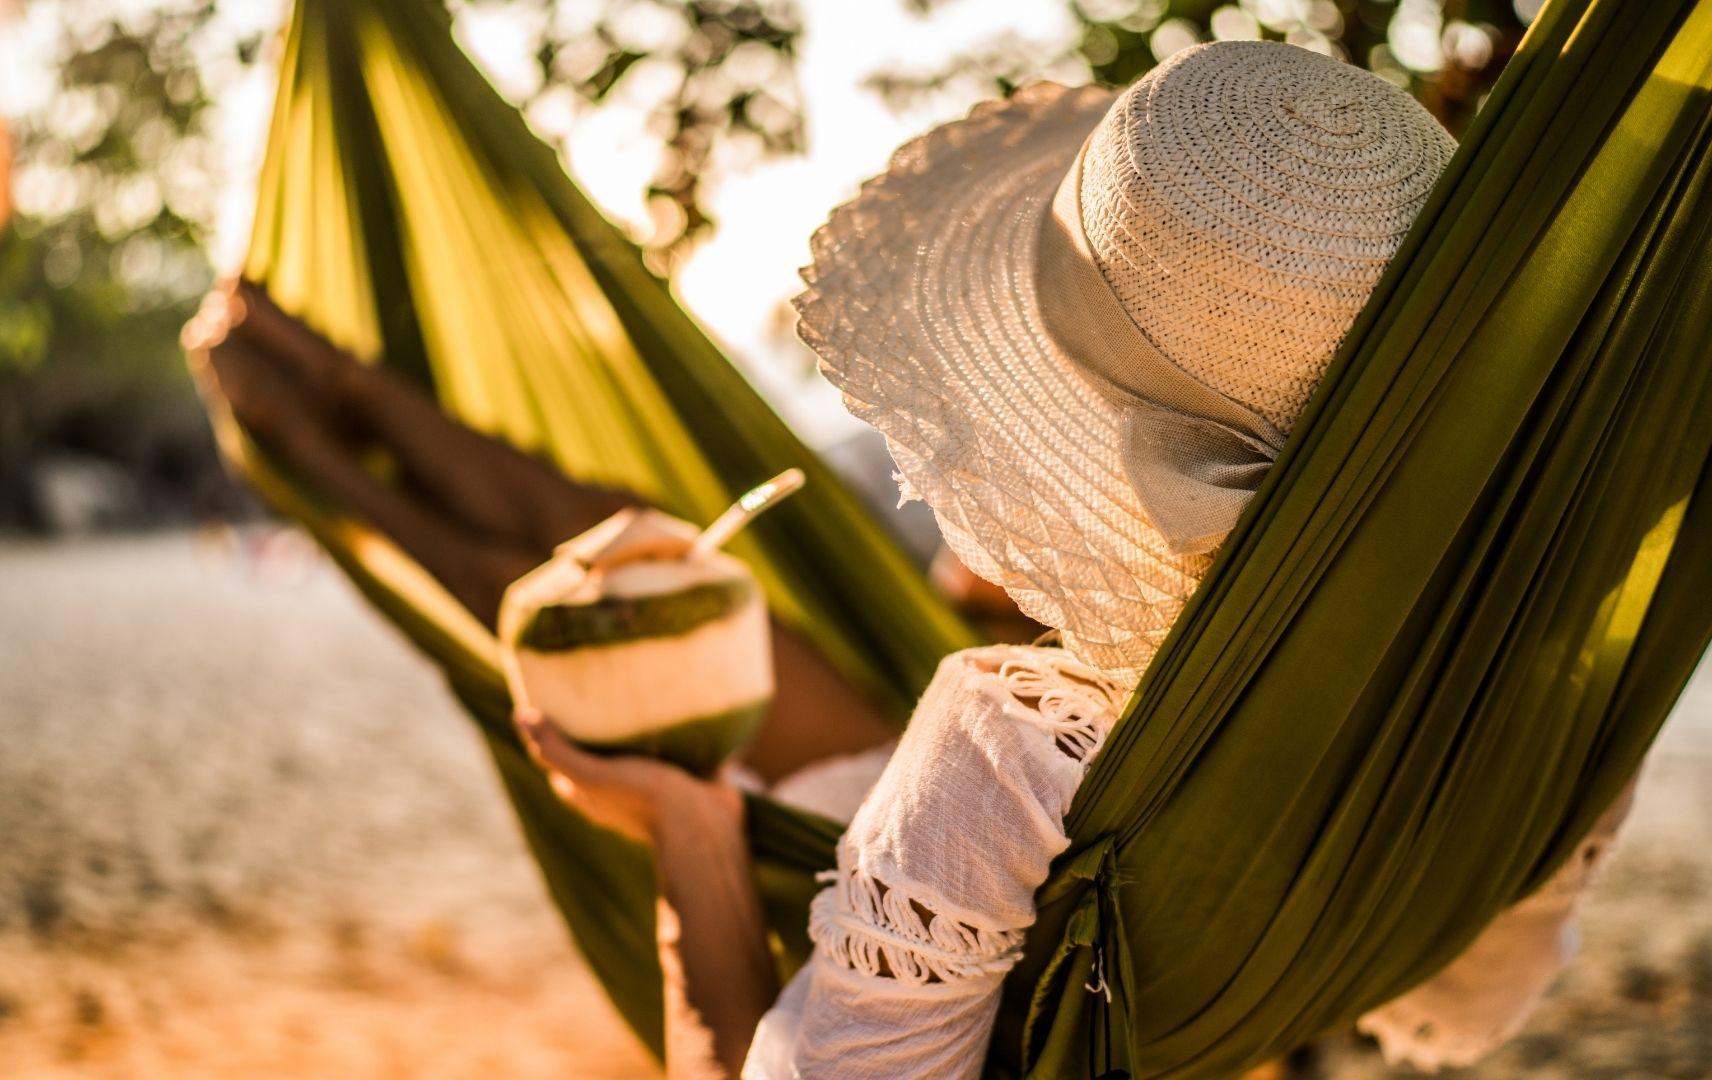 Frau mit Hut und Kokosnuss in der Hand in Hängematte